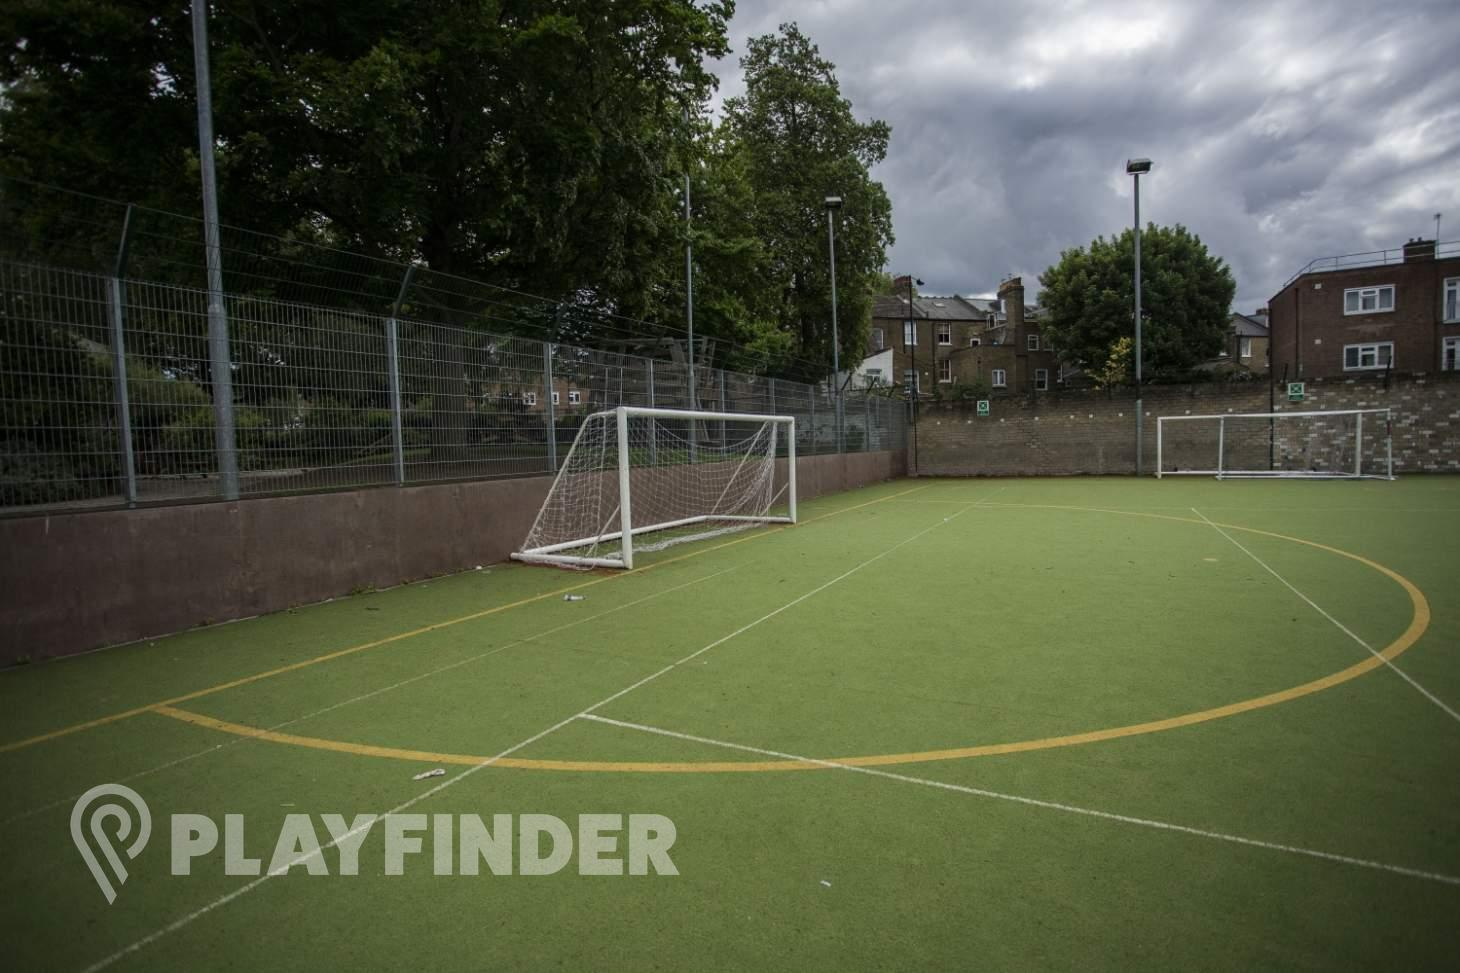 Acland Burghley School 5 a side | Astroturf football pitch